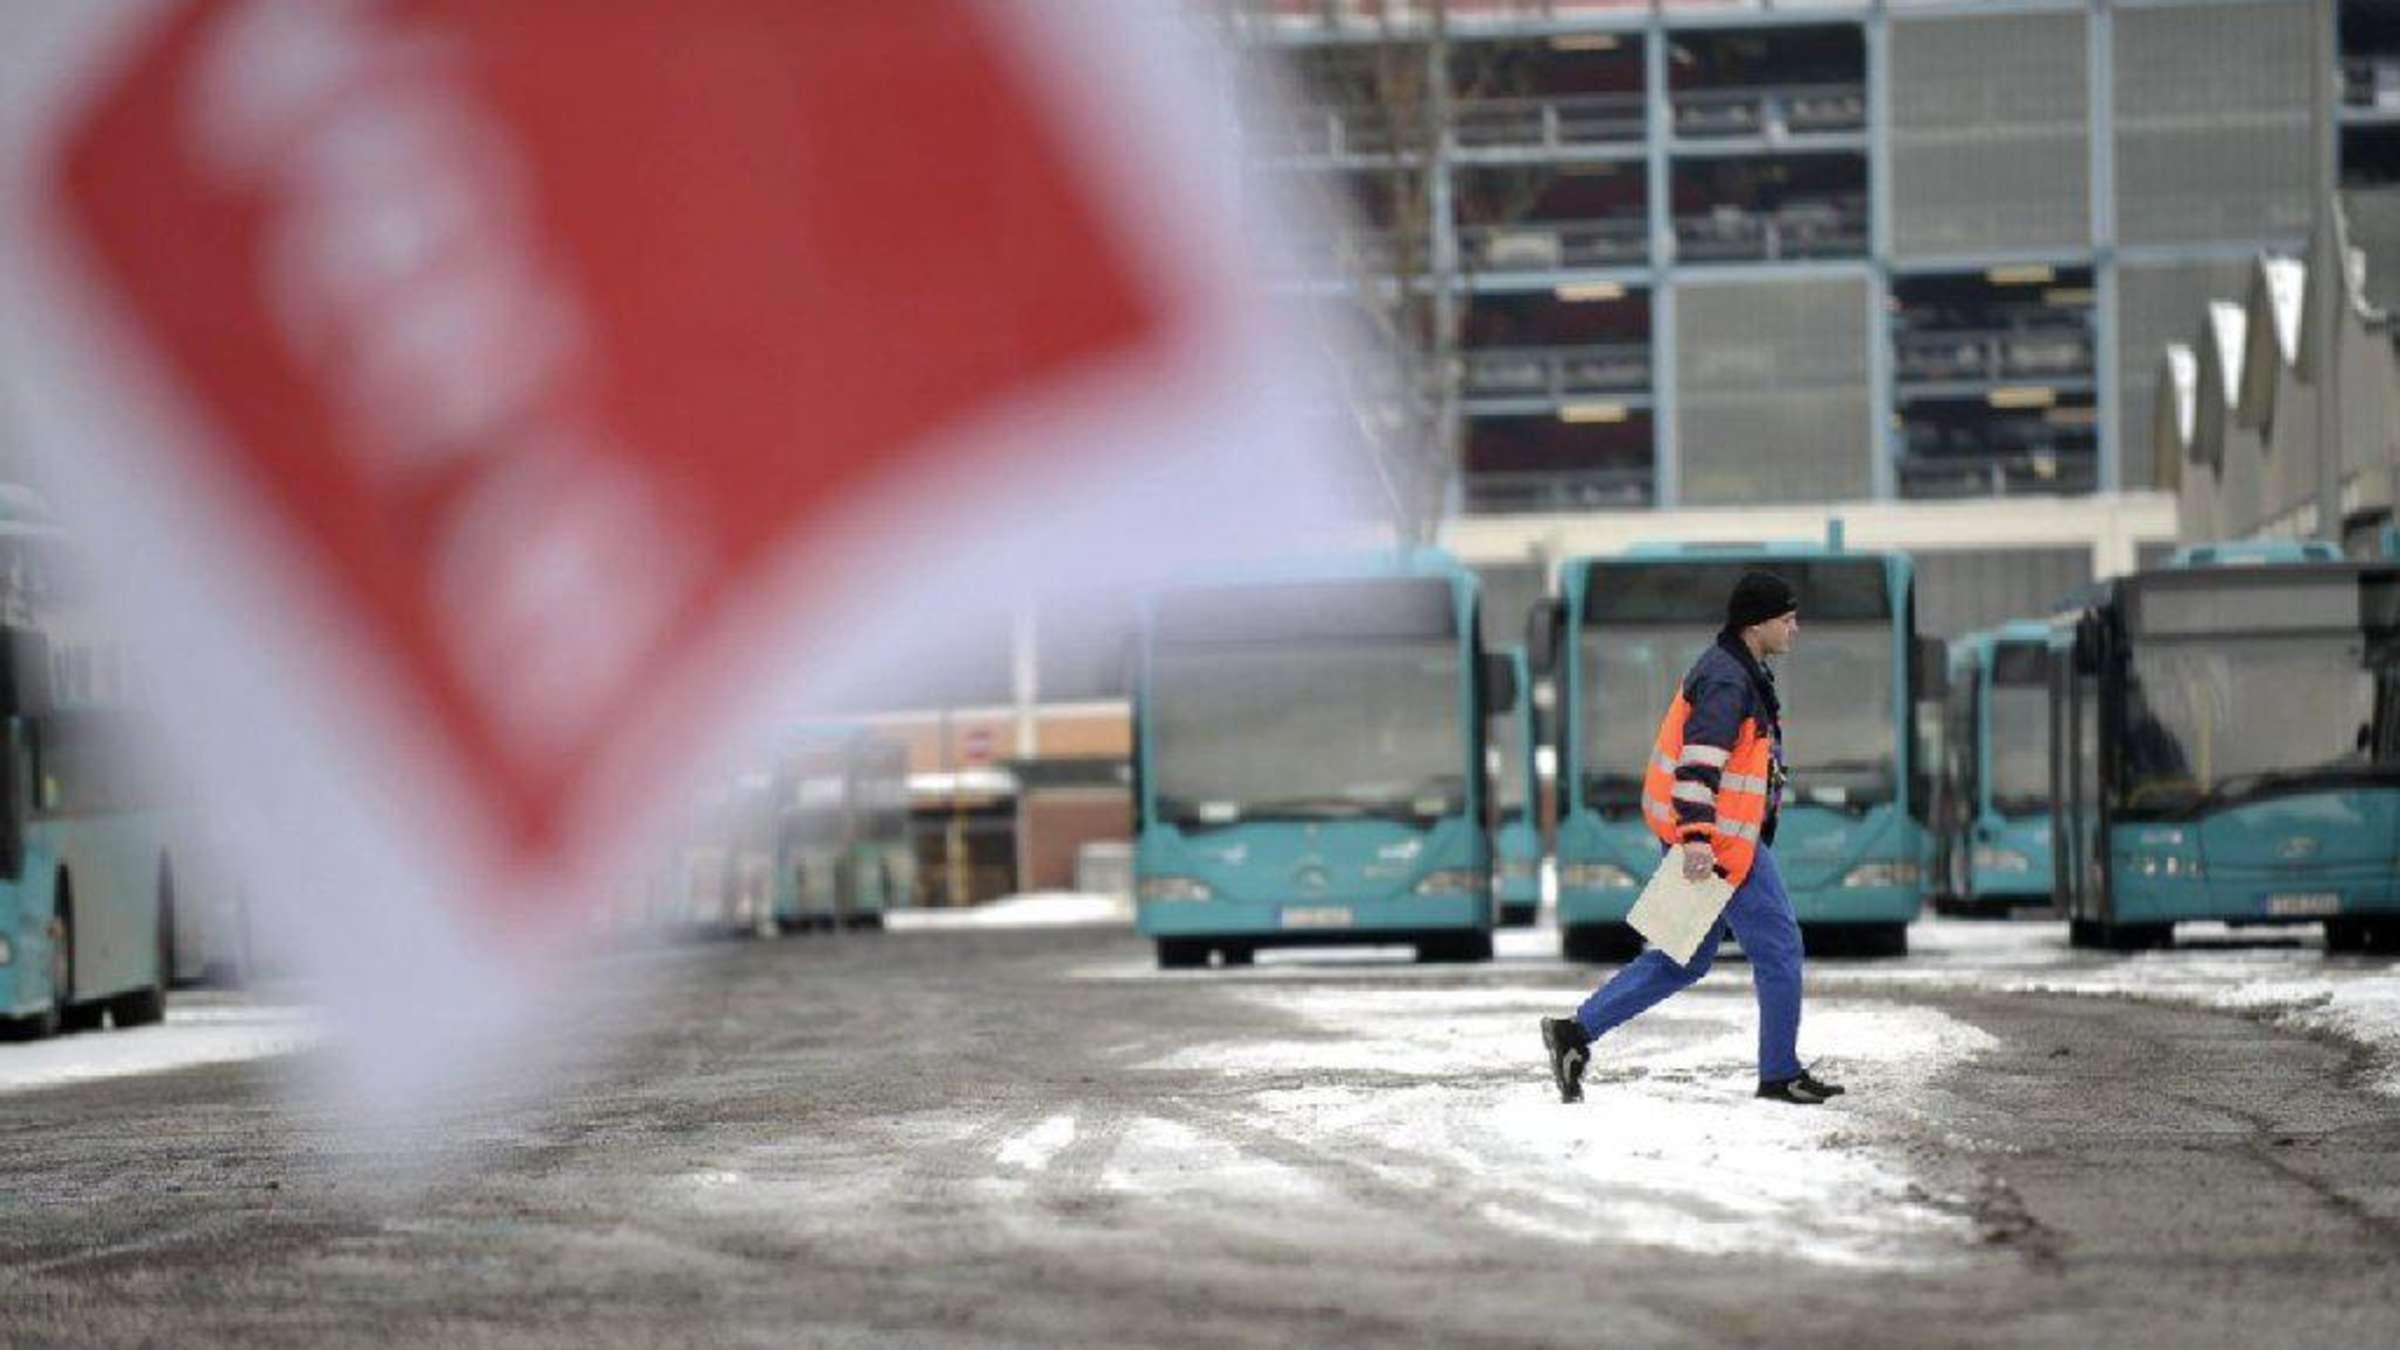 Busse streiken fulda